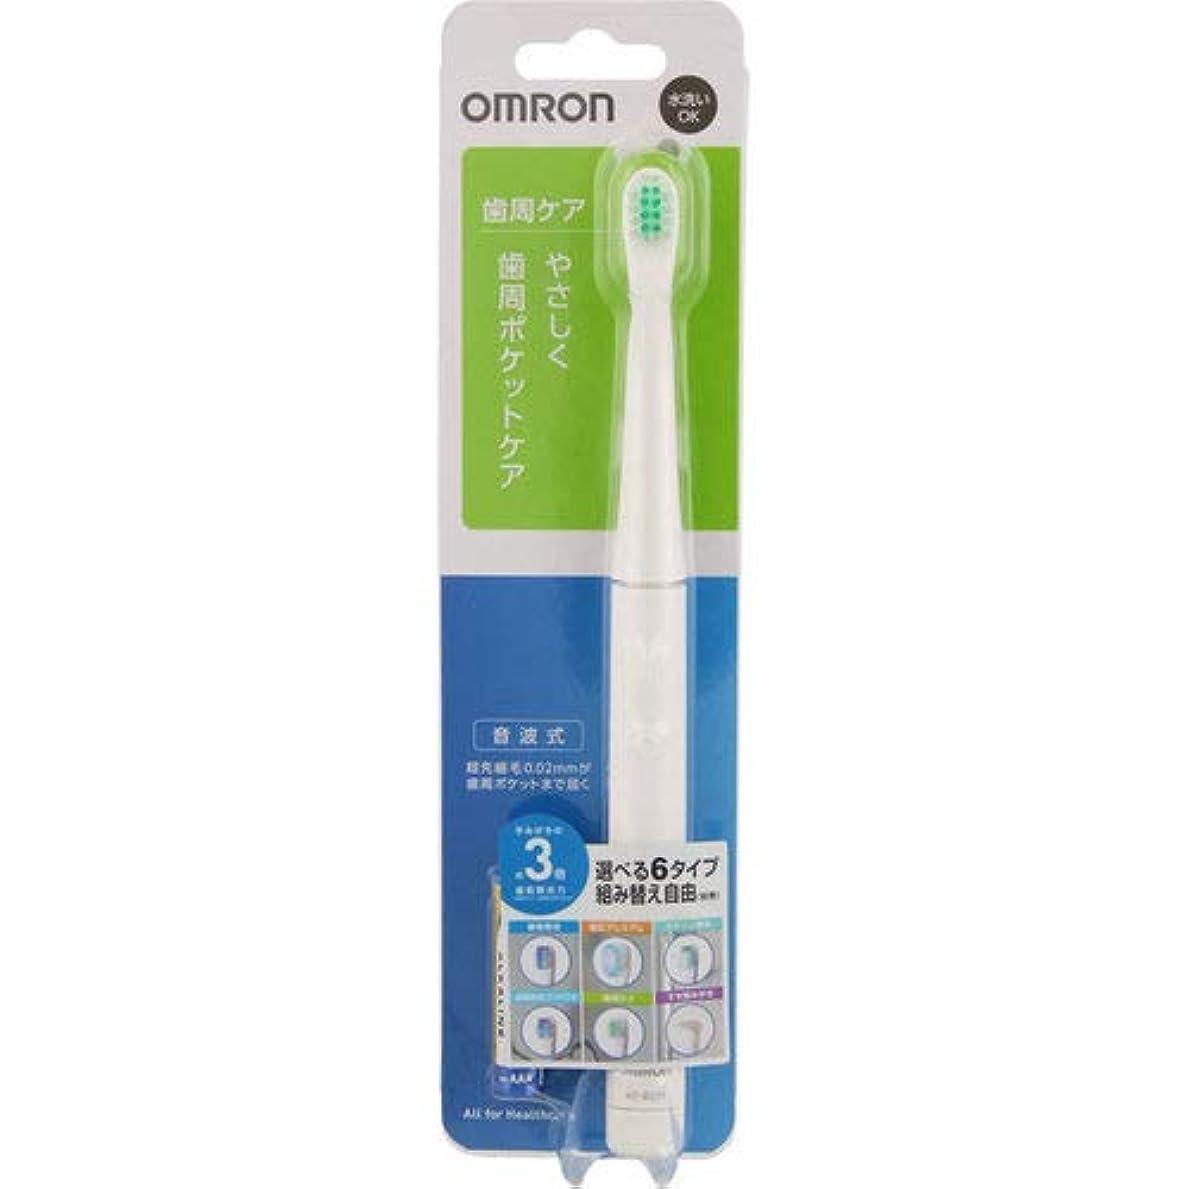 コミュニケーションベテラン自信があるオムロン 電動歯ブラシ HT-B221-W ホワイト 電池式